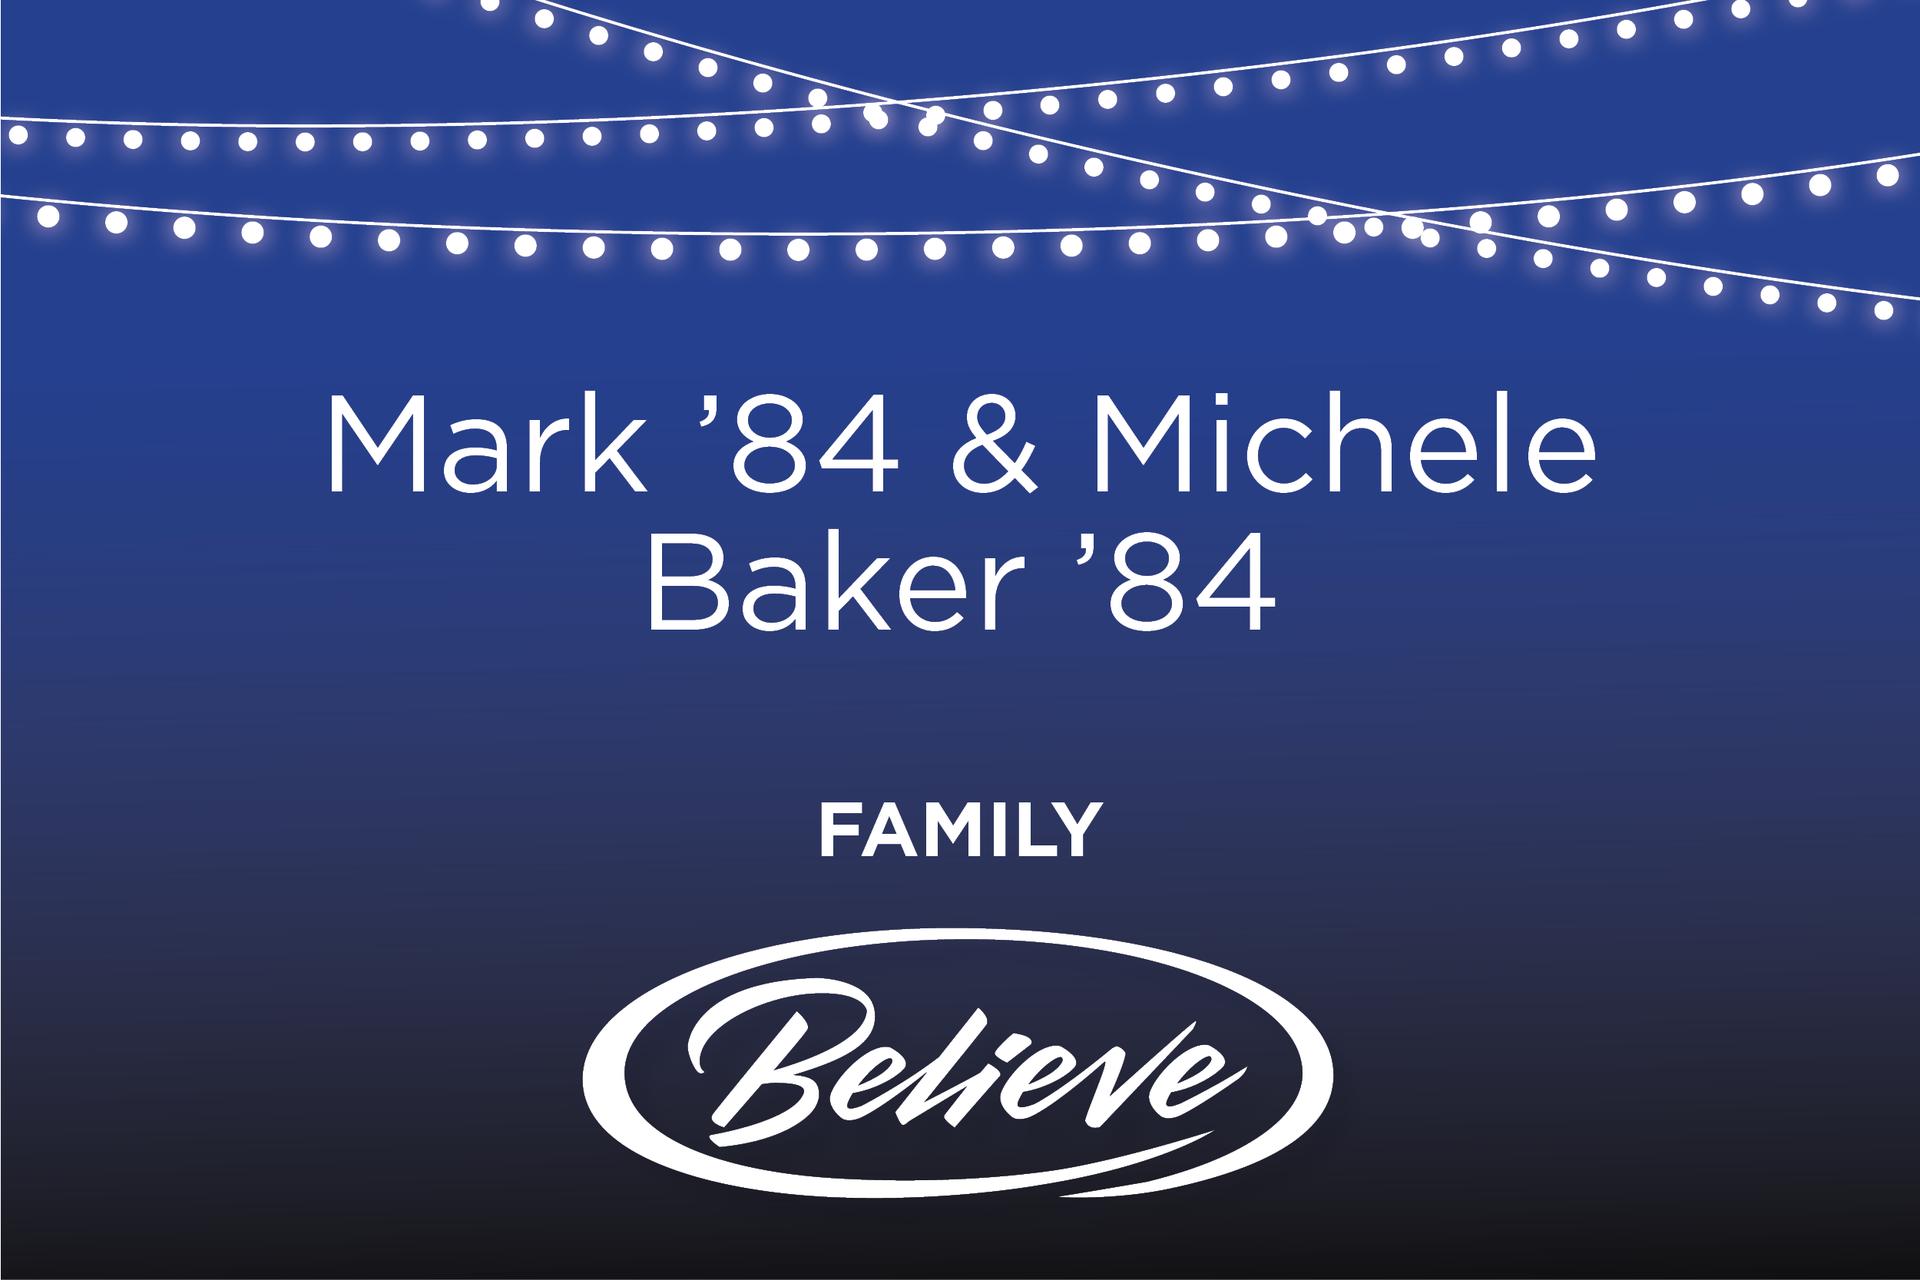 Mark & Michele Baker